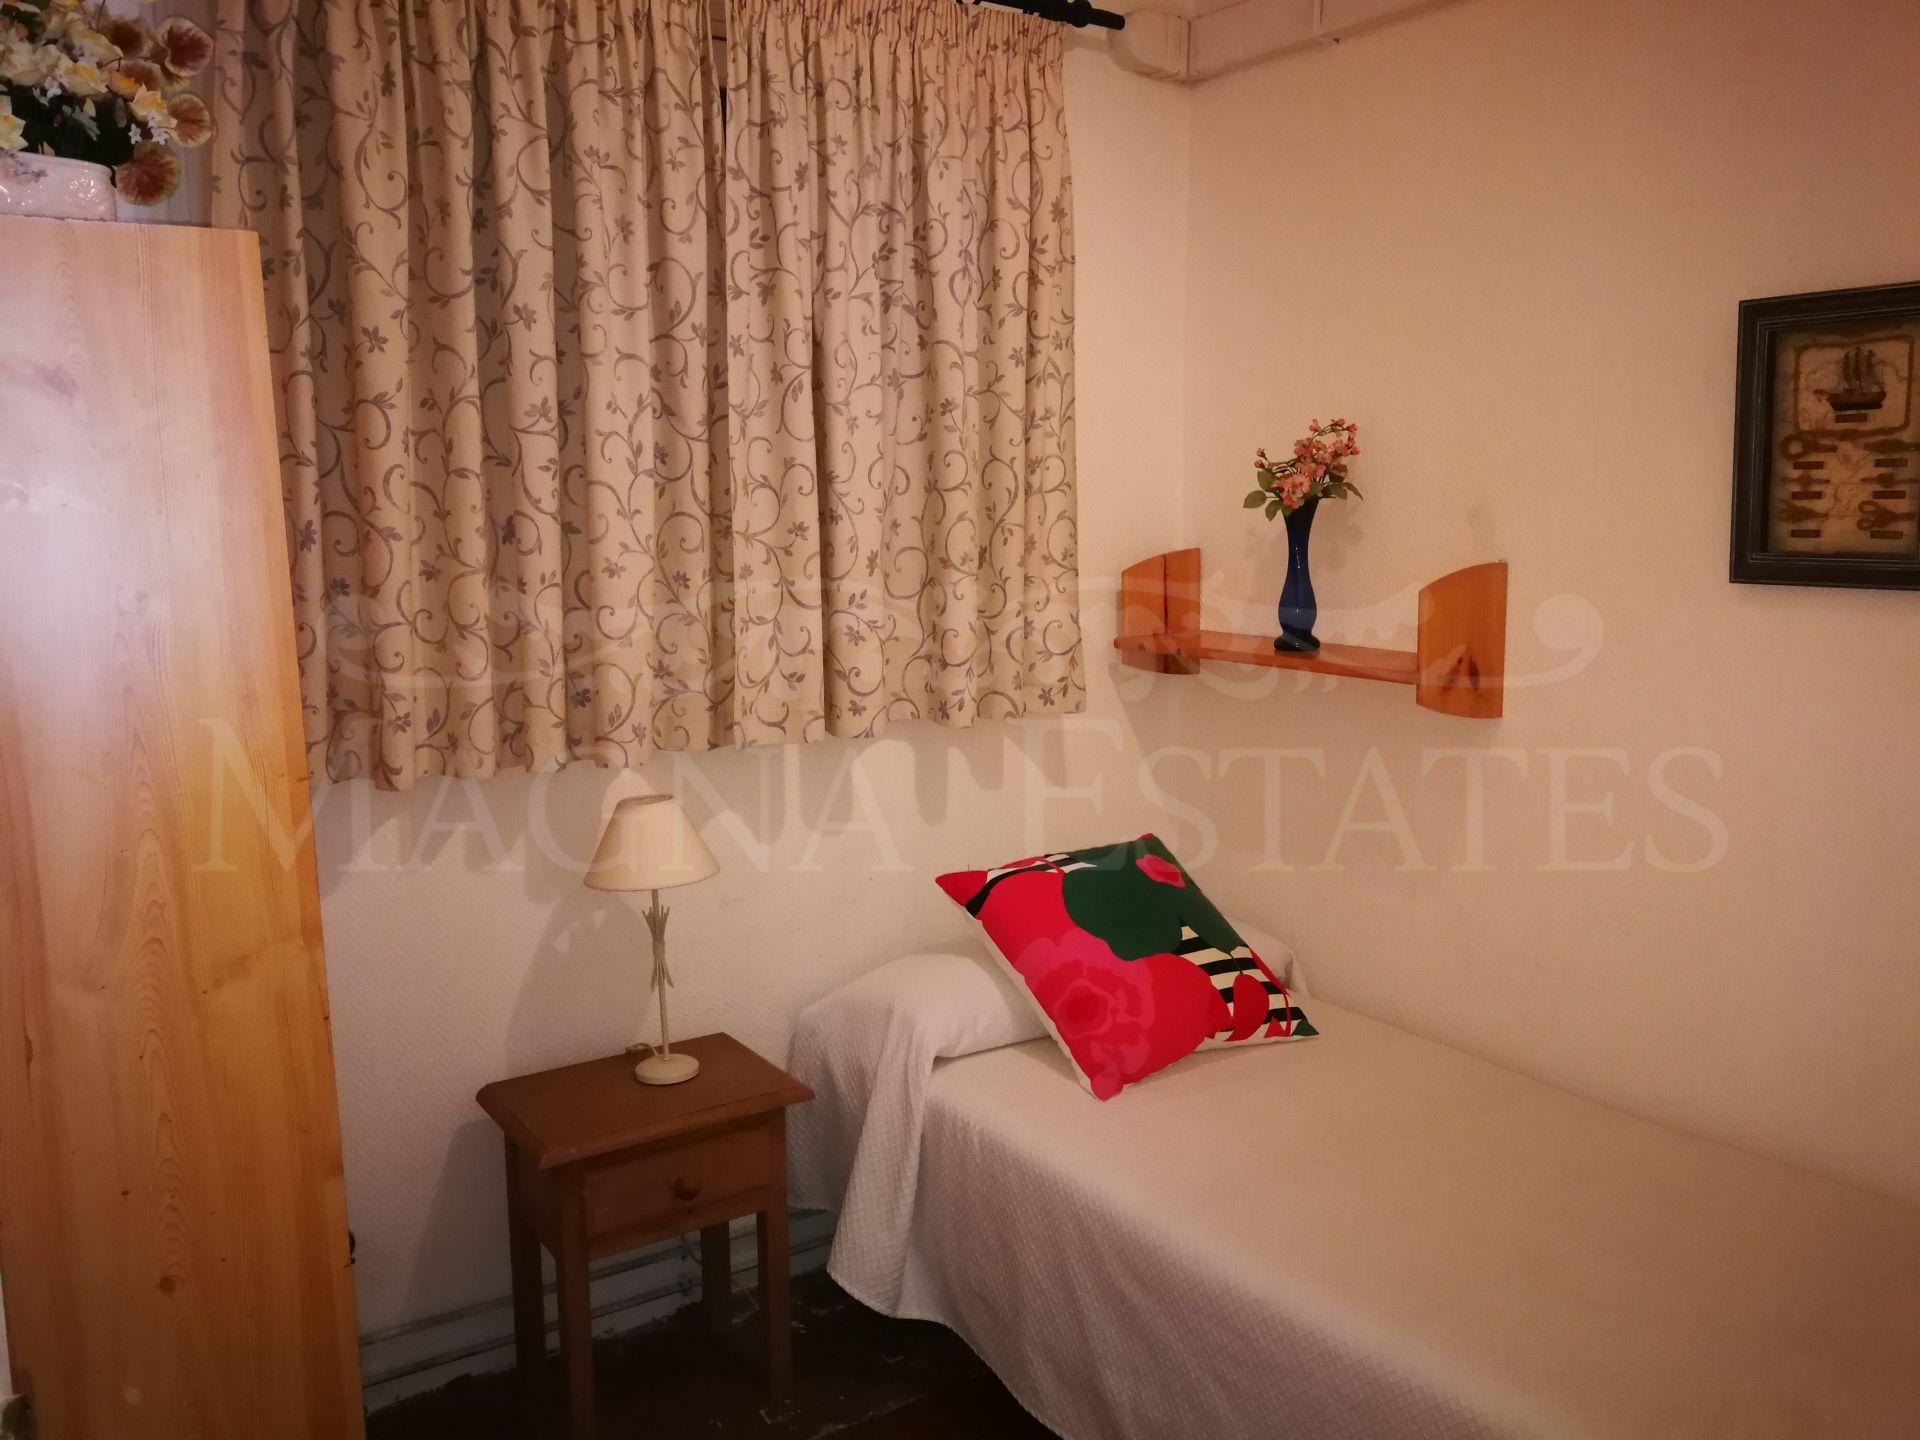 3 bedroom apartment in Nueva Andalucia, very close to Puerto Banús